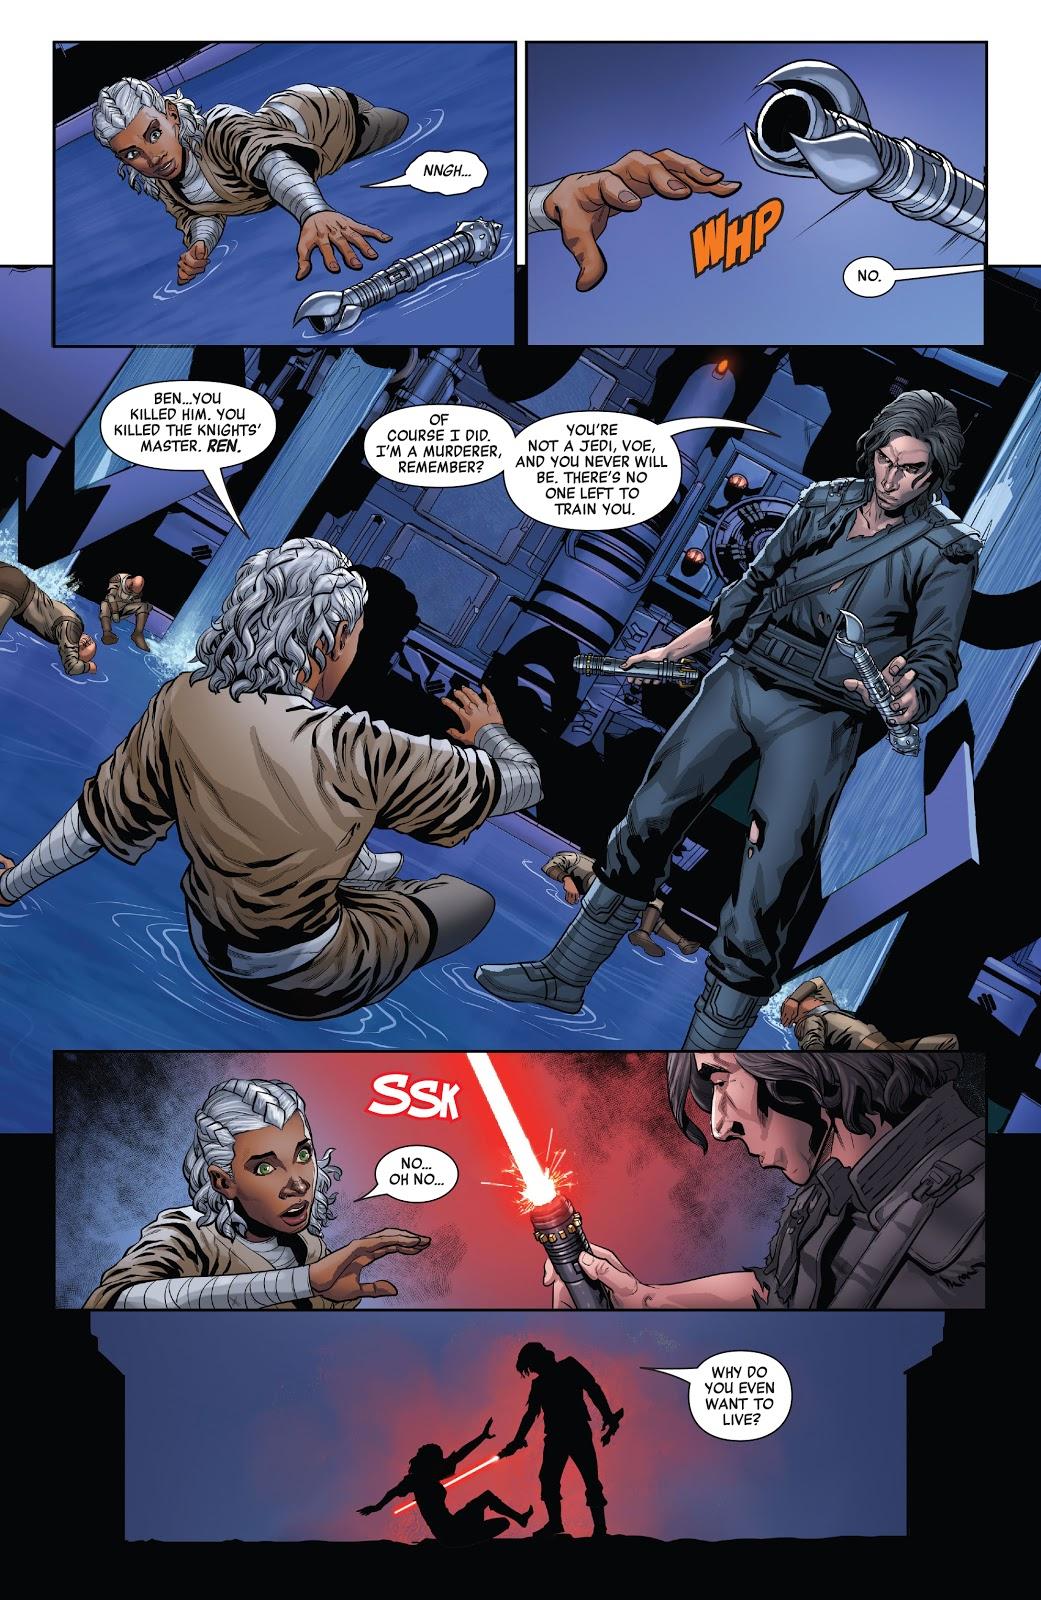 Ben Solo Kills Ren